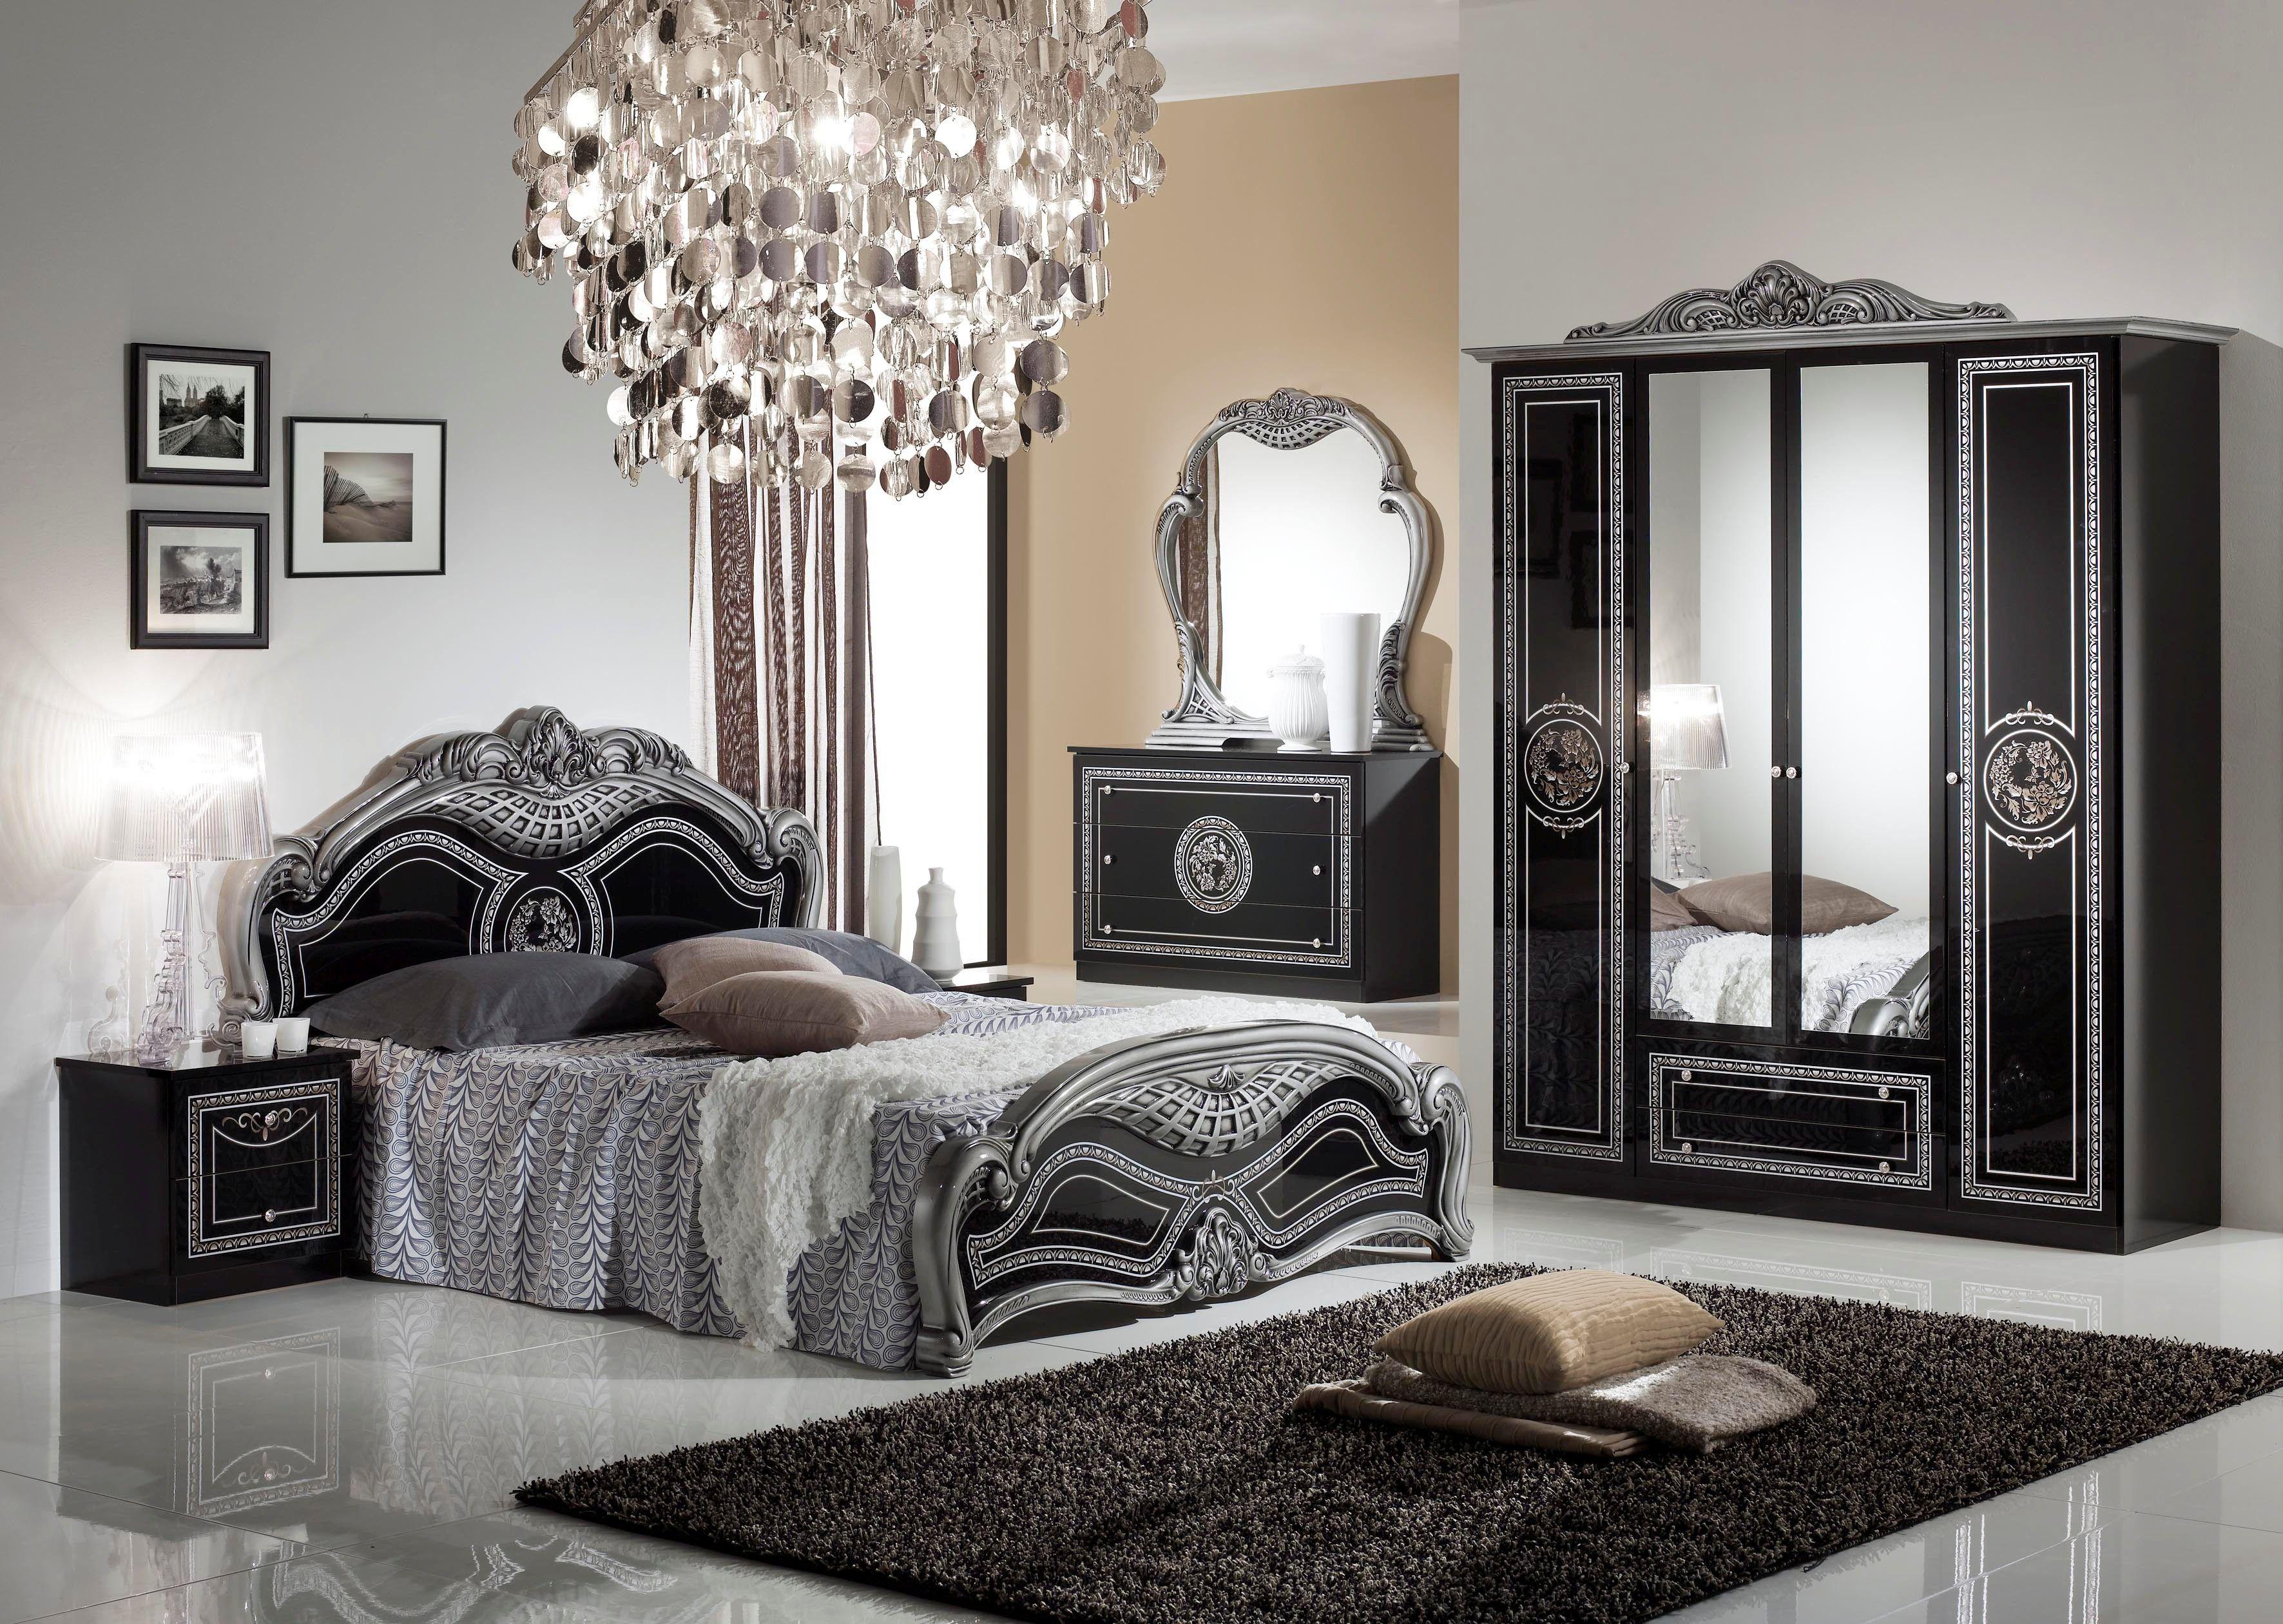 aufregend barock schlafzimmer design 1847  barock